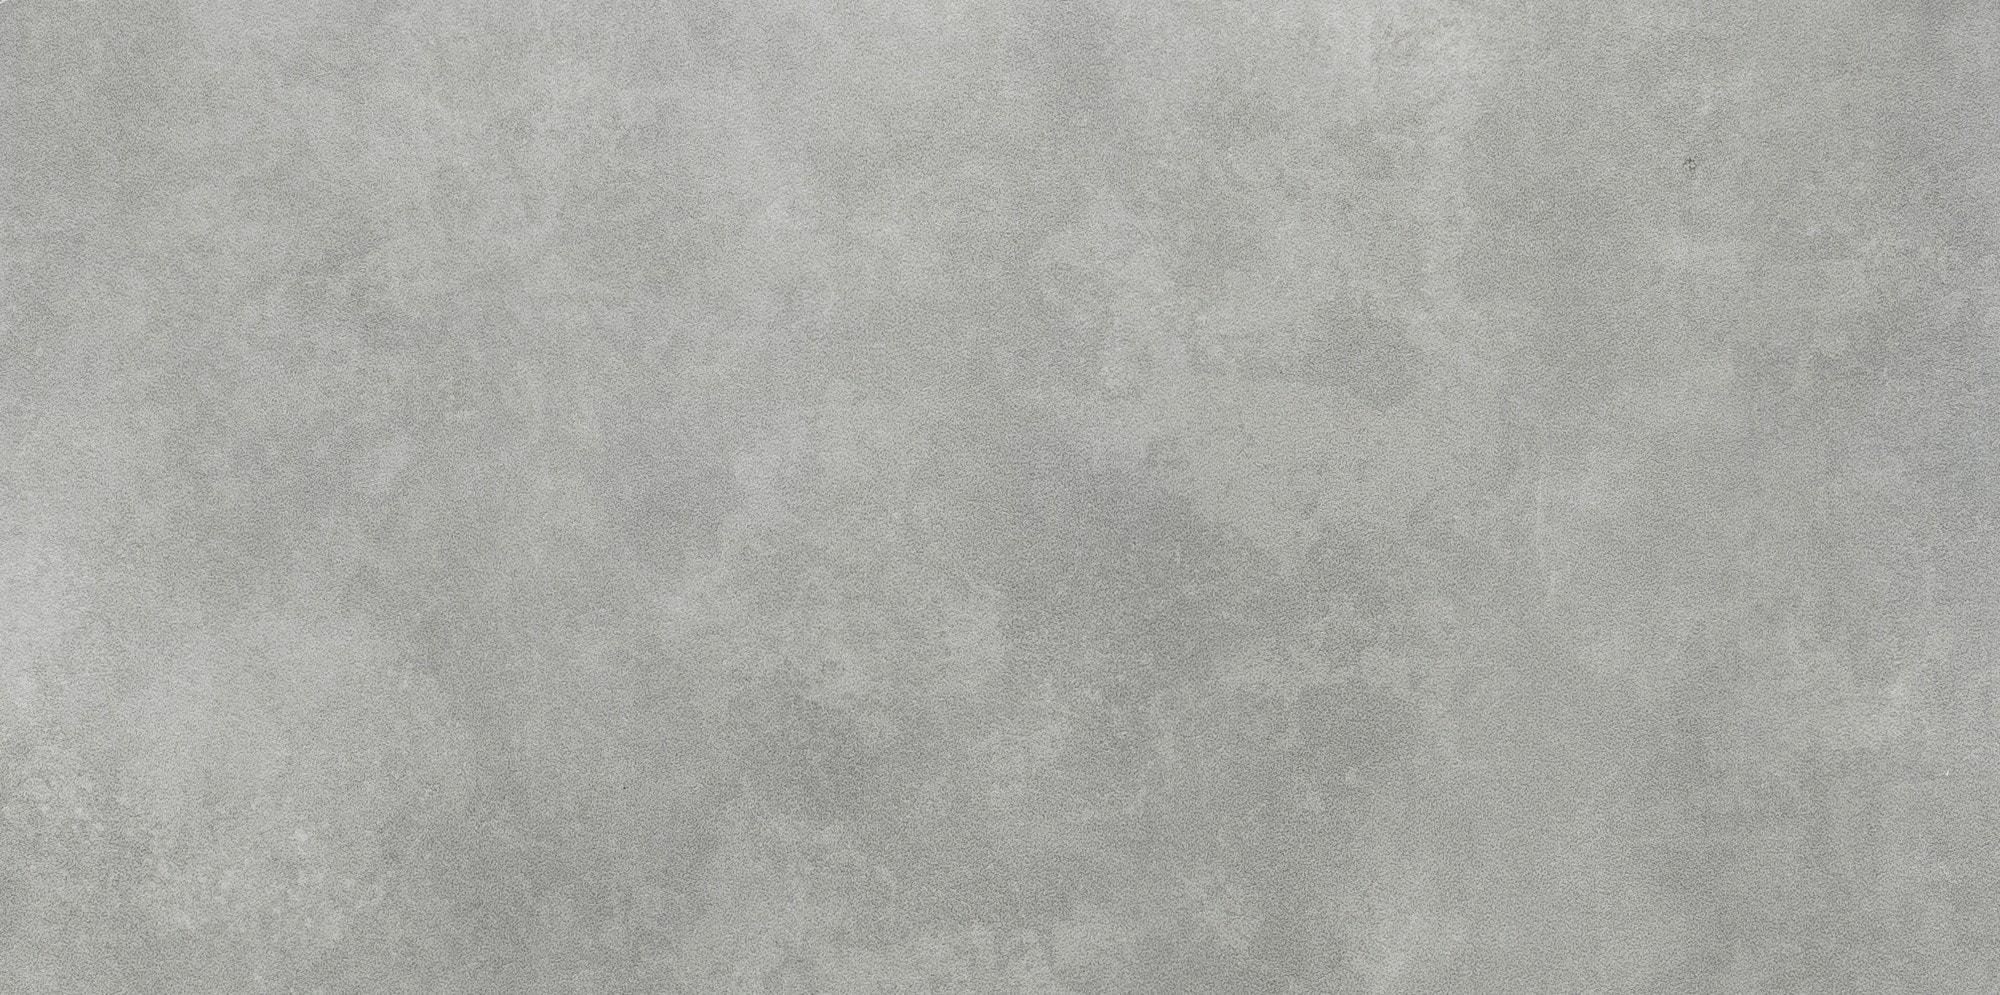 Płytka podłogowa Cerrad Apenino gris 597x297x8,5mm 24909